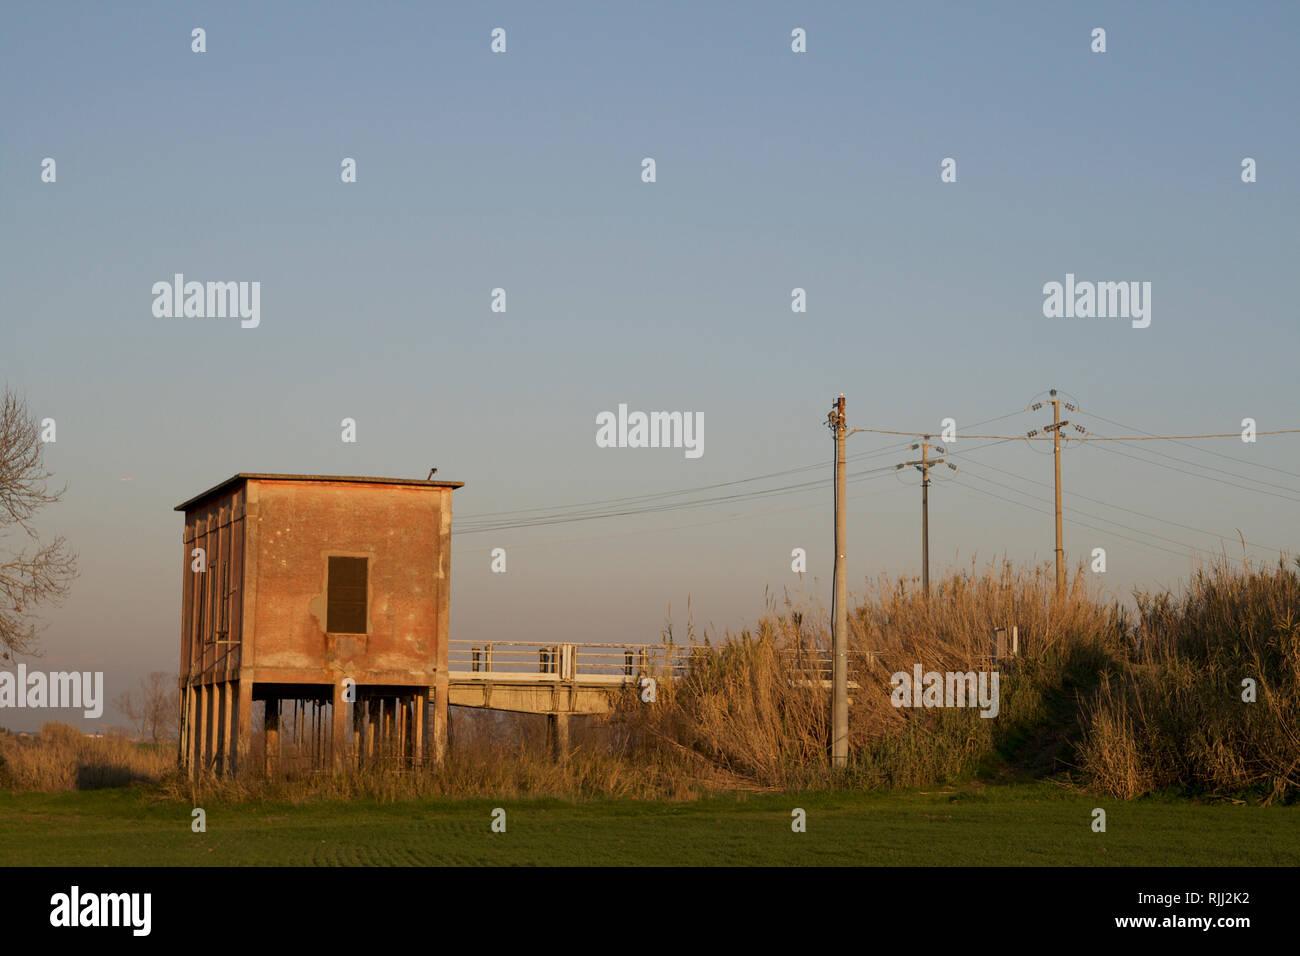 Ostia Antica-Fishing trebuchet at Impianto di sollevamento I PIani Stock Photo